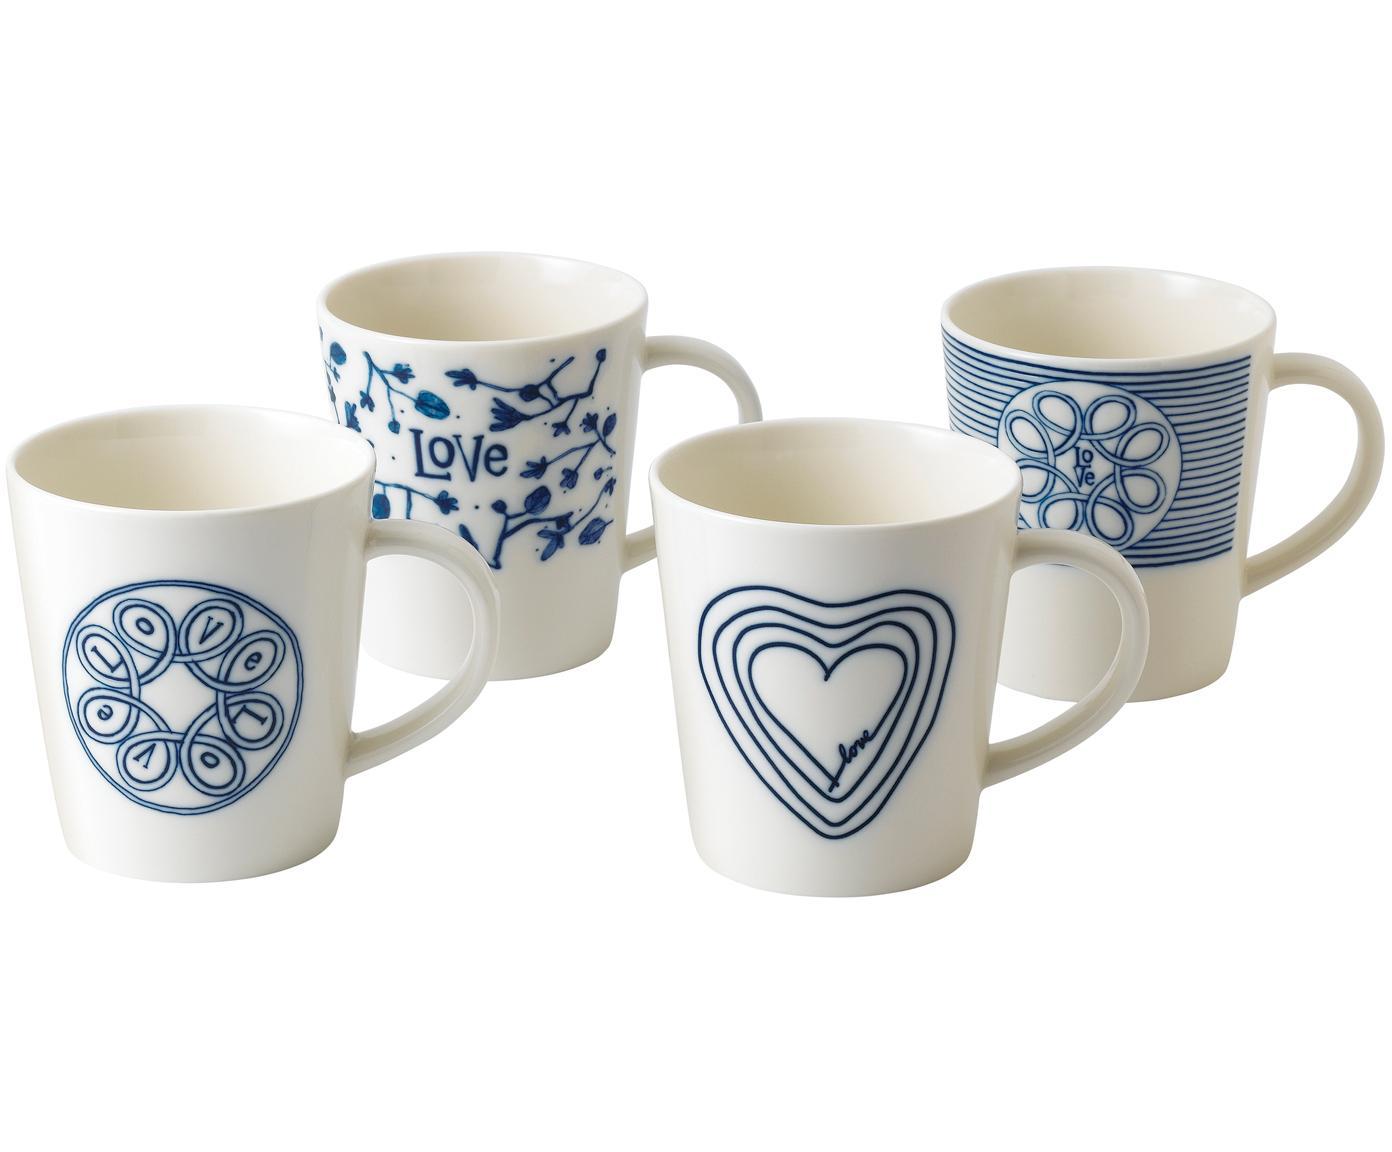 Tassen Love, 4er-Set, Porzellan, Elfenbein, Kobaltblau, Ø 10 x H 11 cm